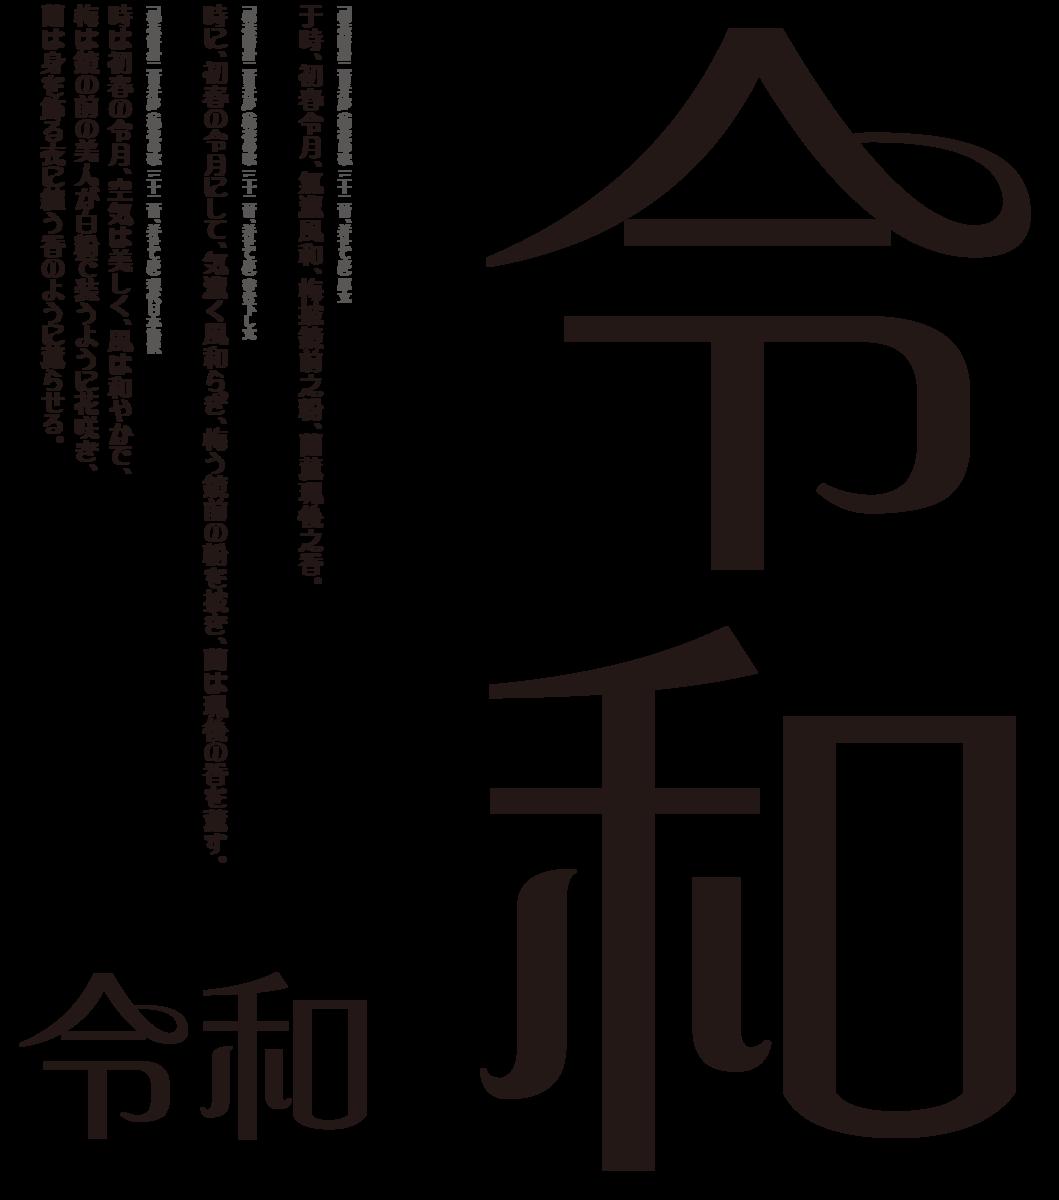 f:id:mojiru:20190528155014p:plain